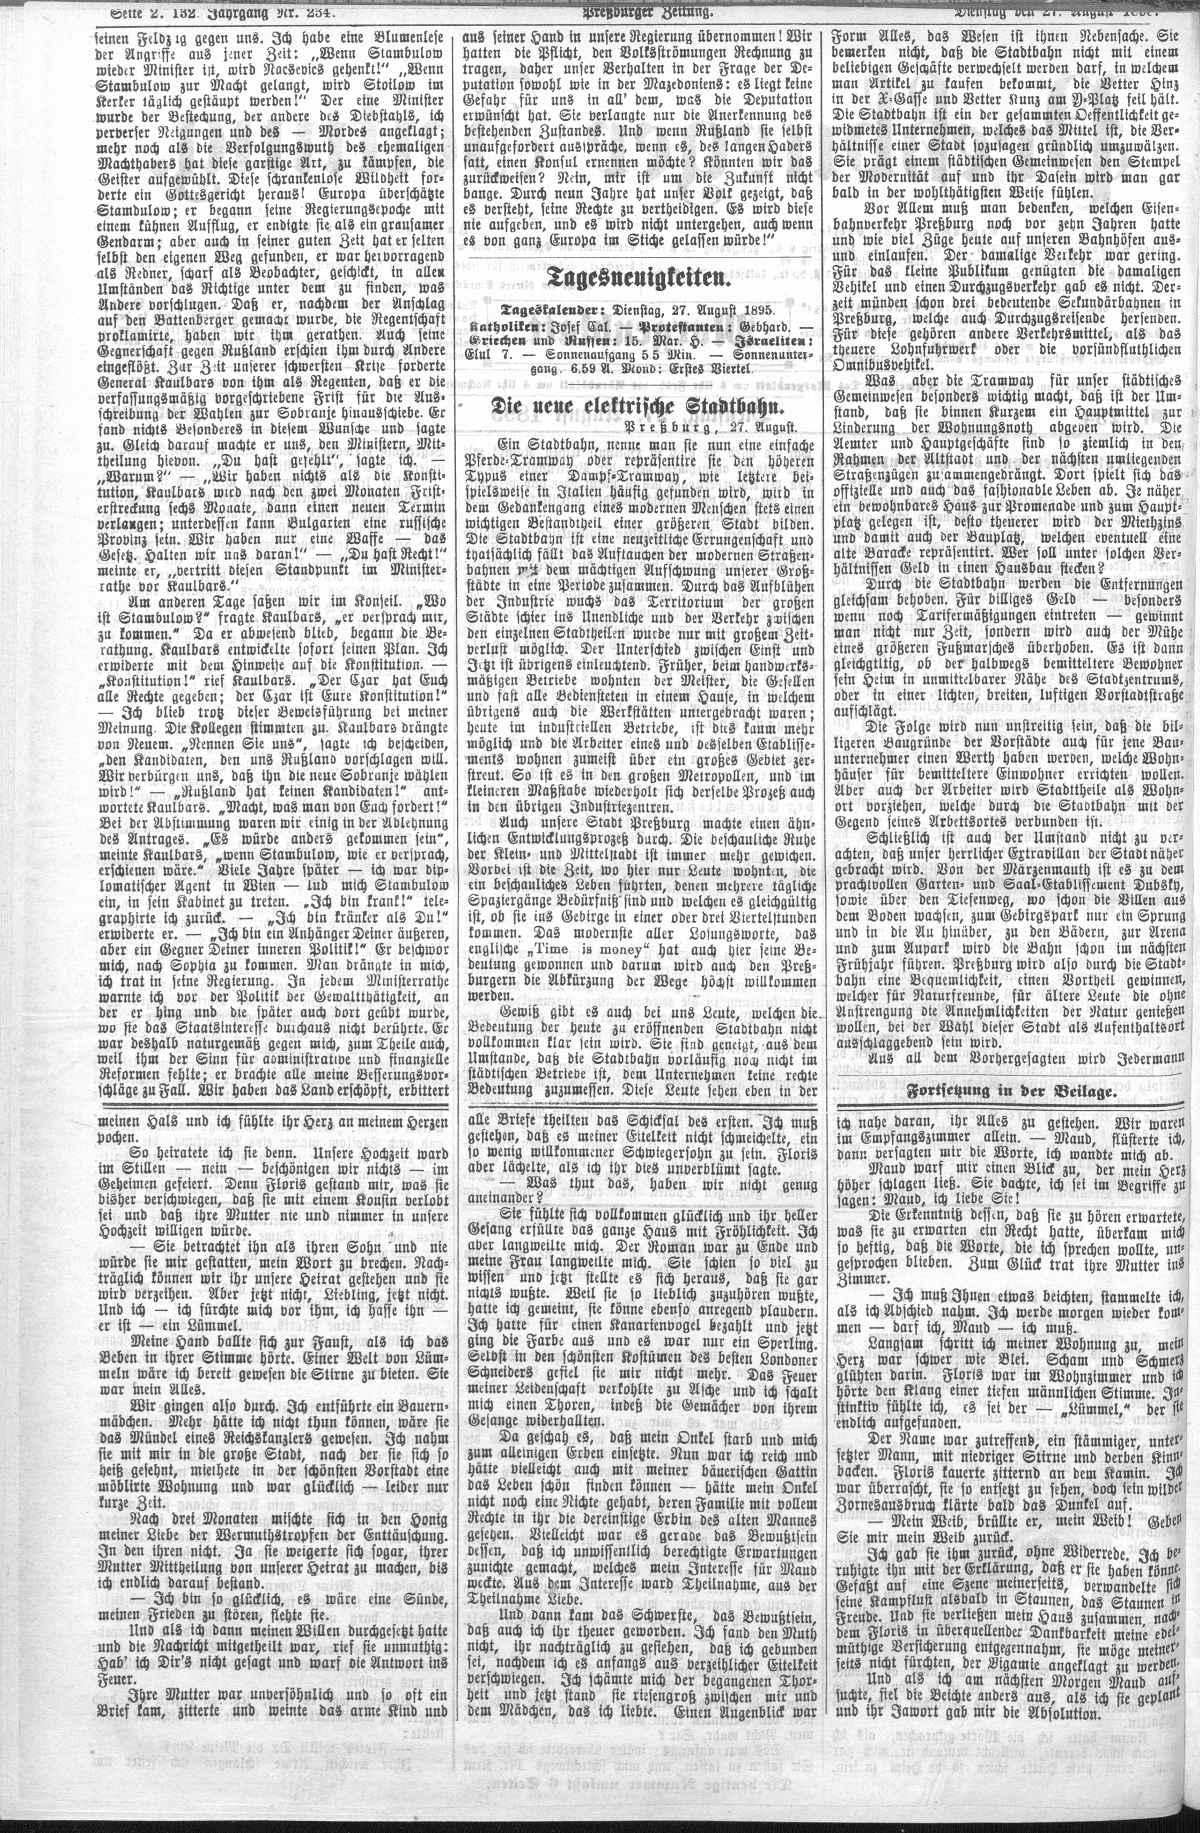 PZ_27.08.1895a